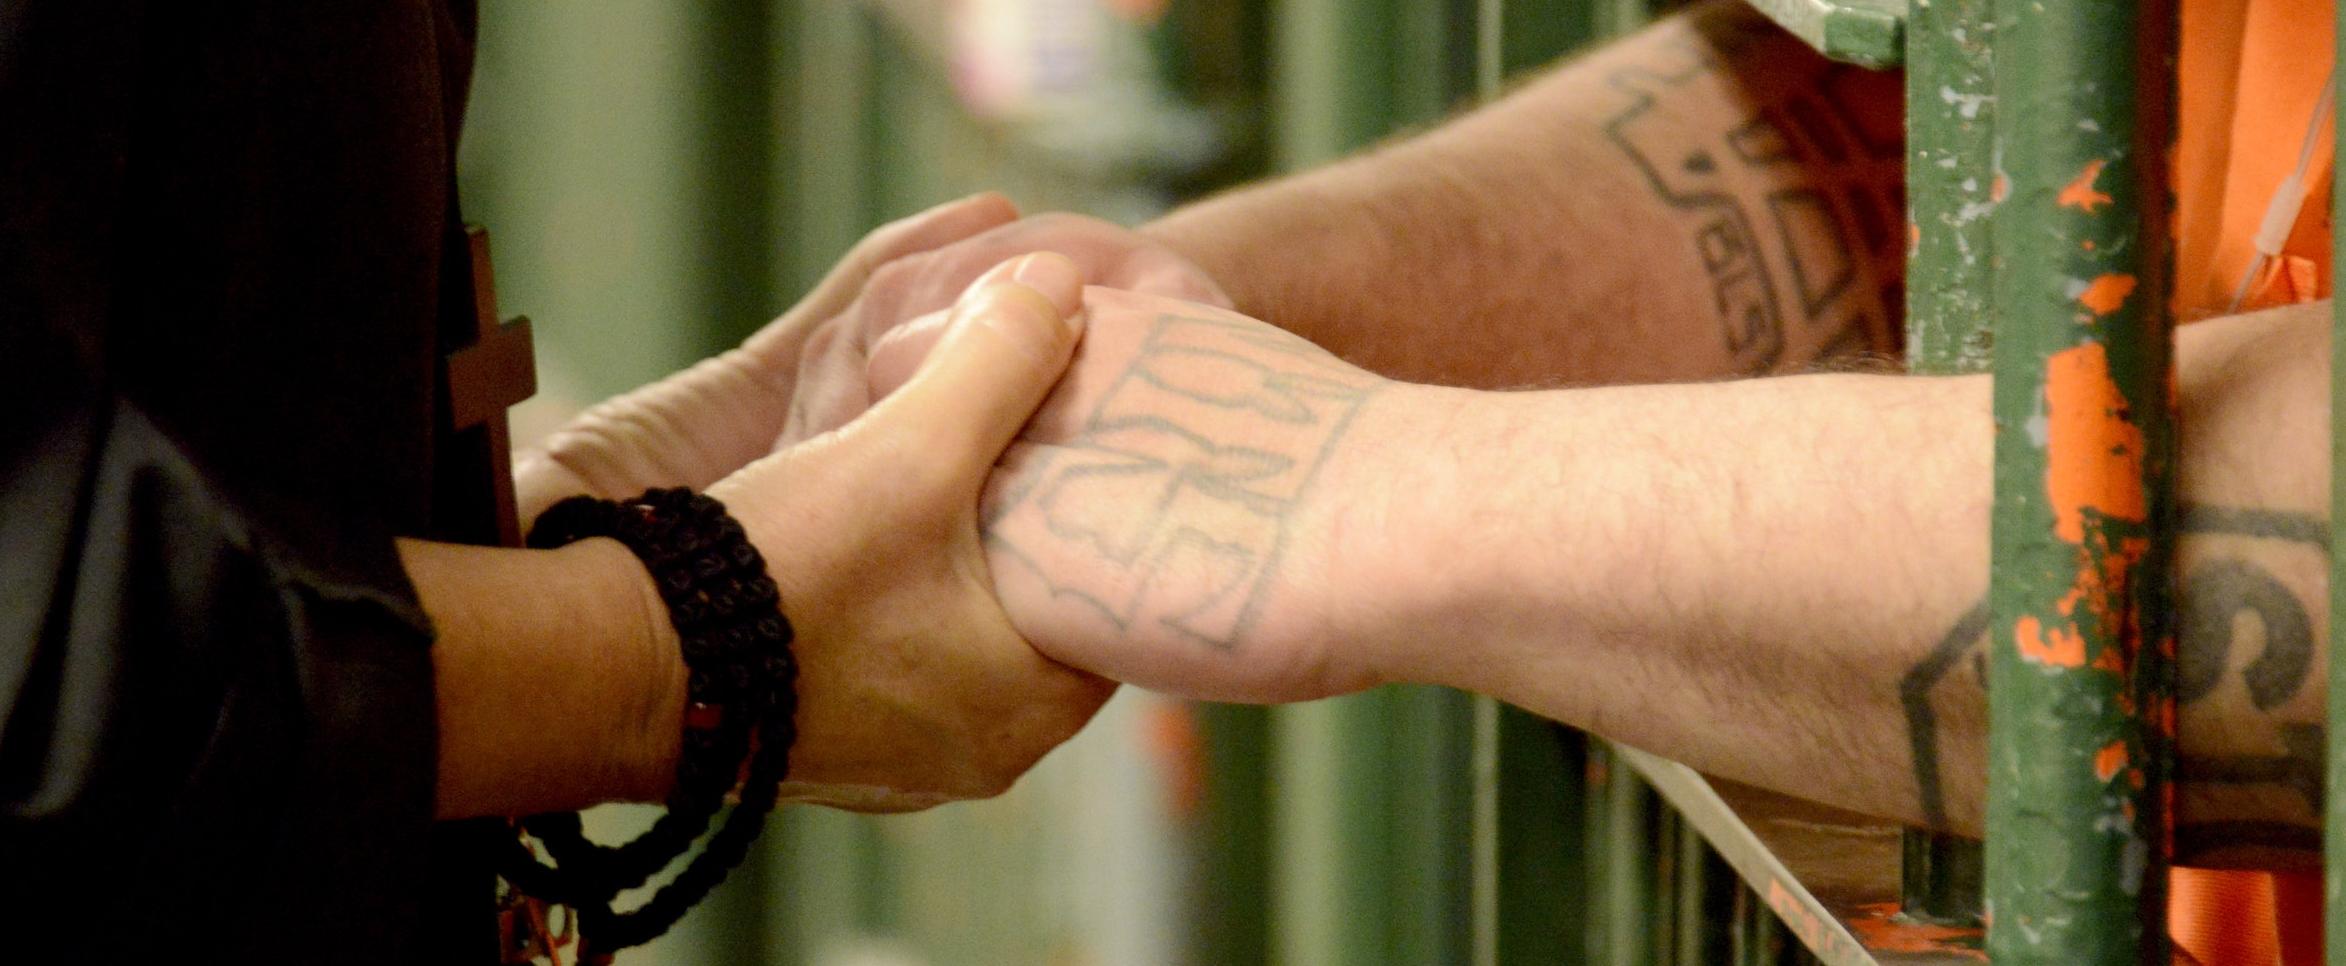 Jail 2016-66.jpg